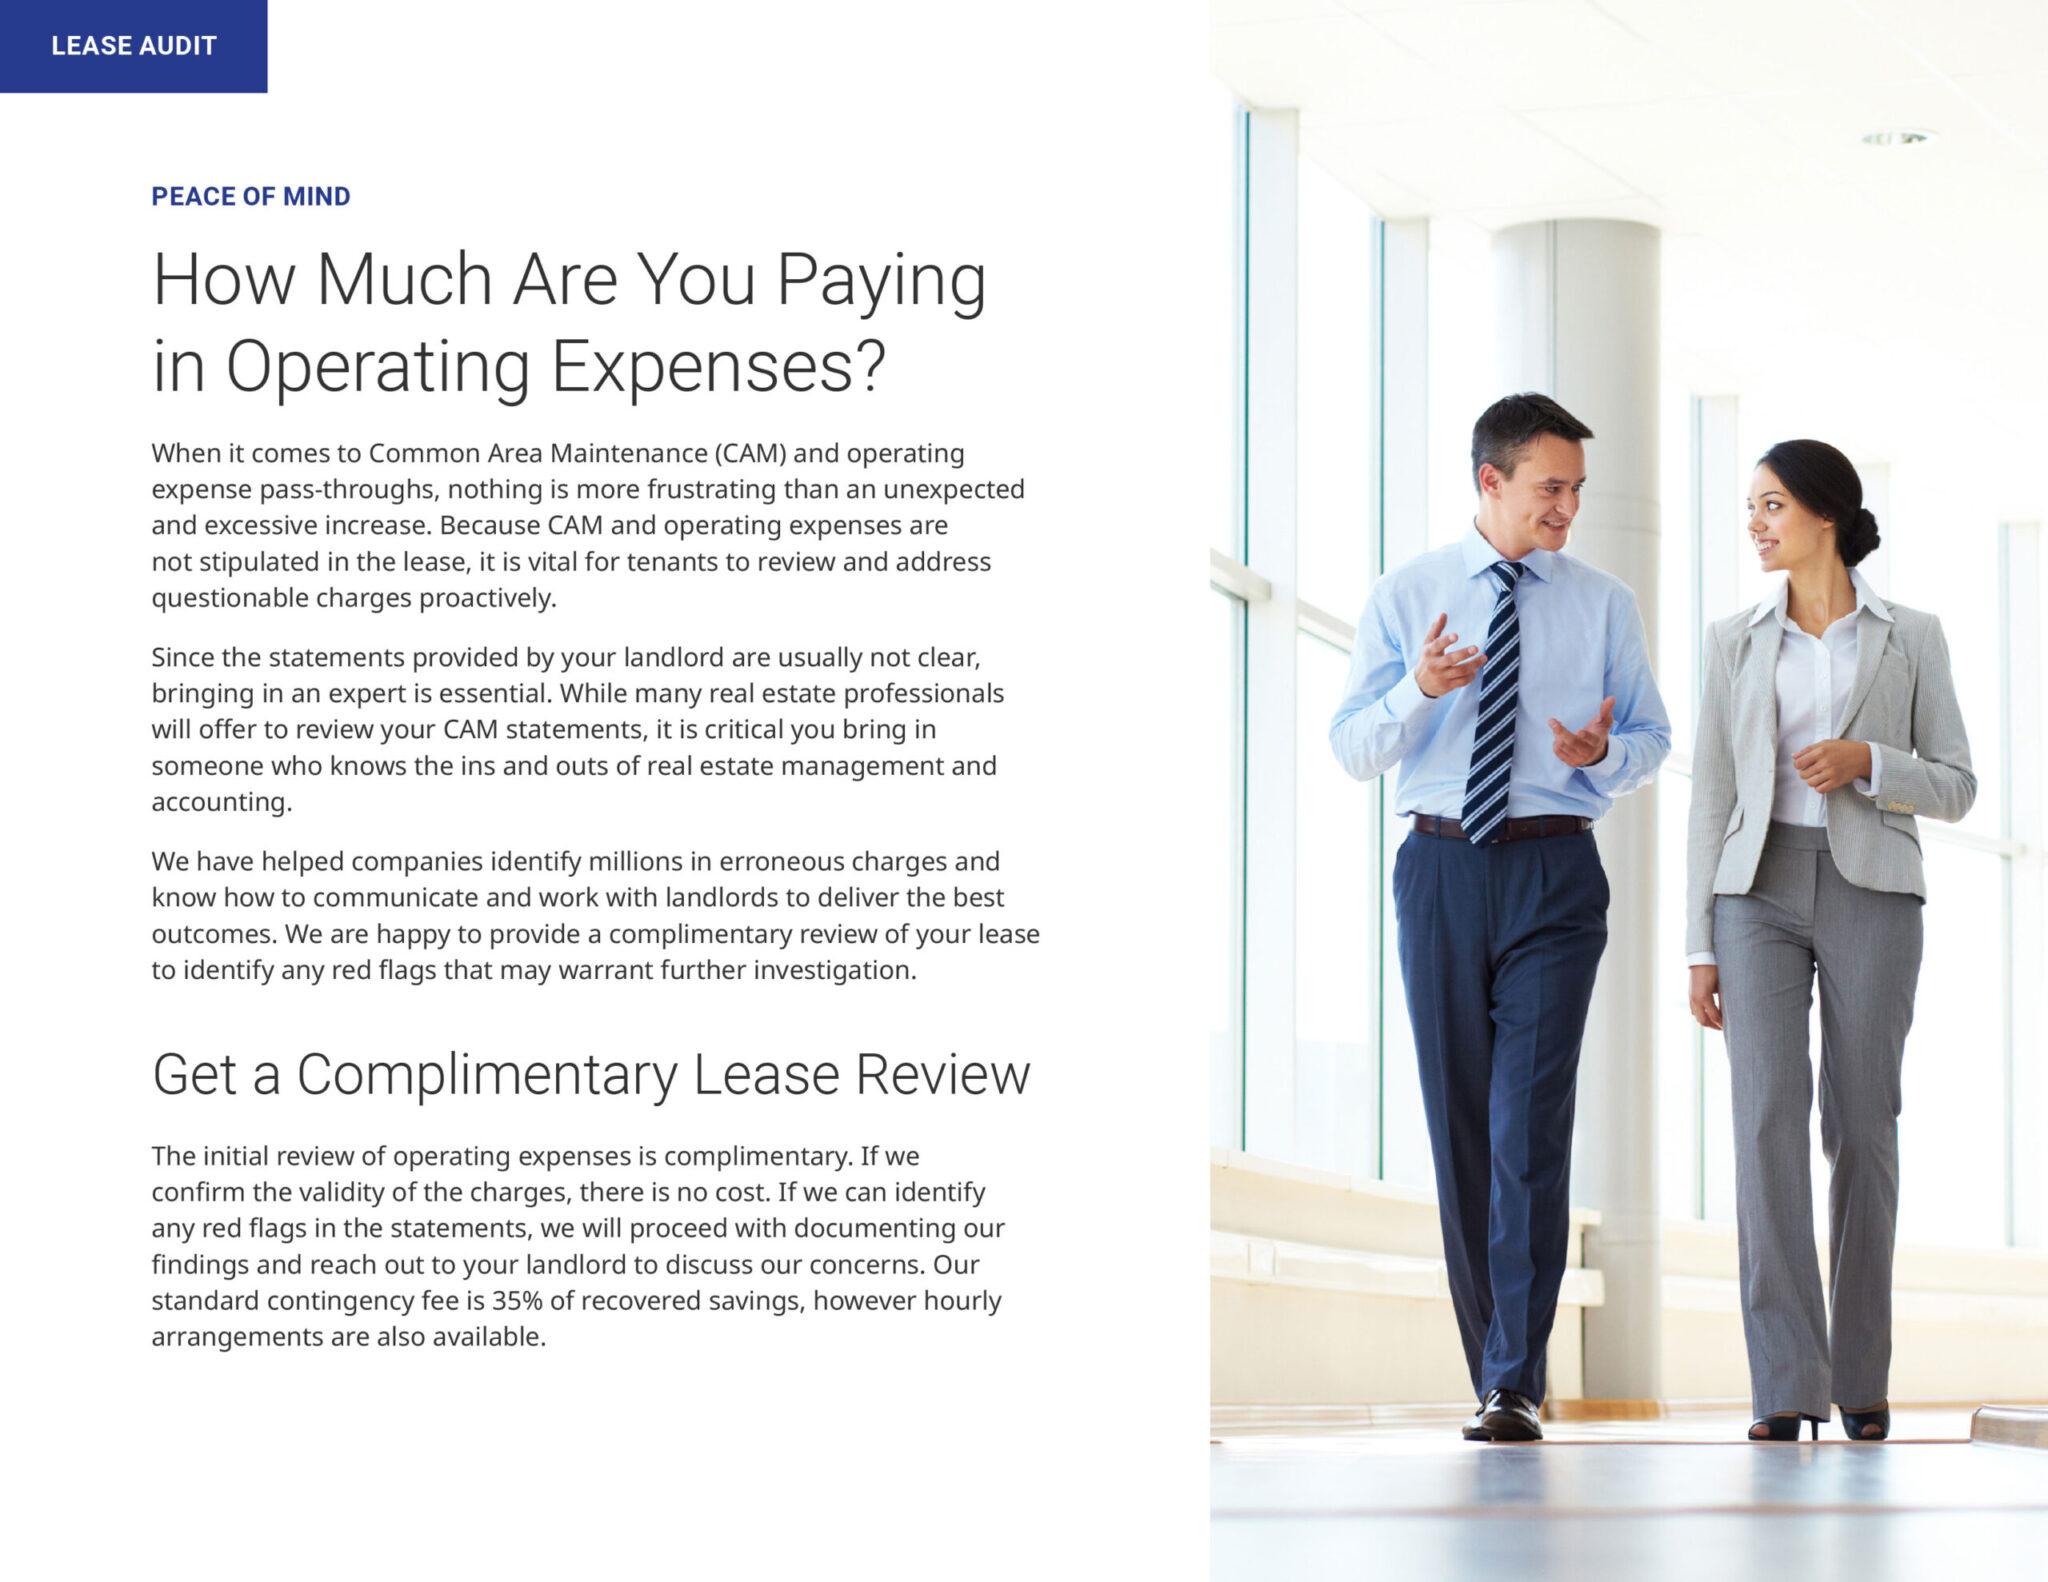 National Lease Advisors brochure design